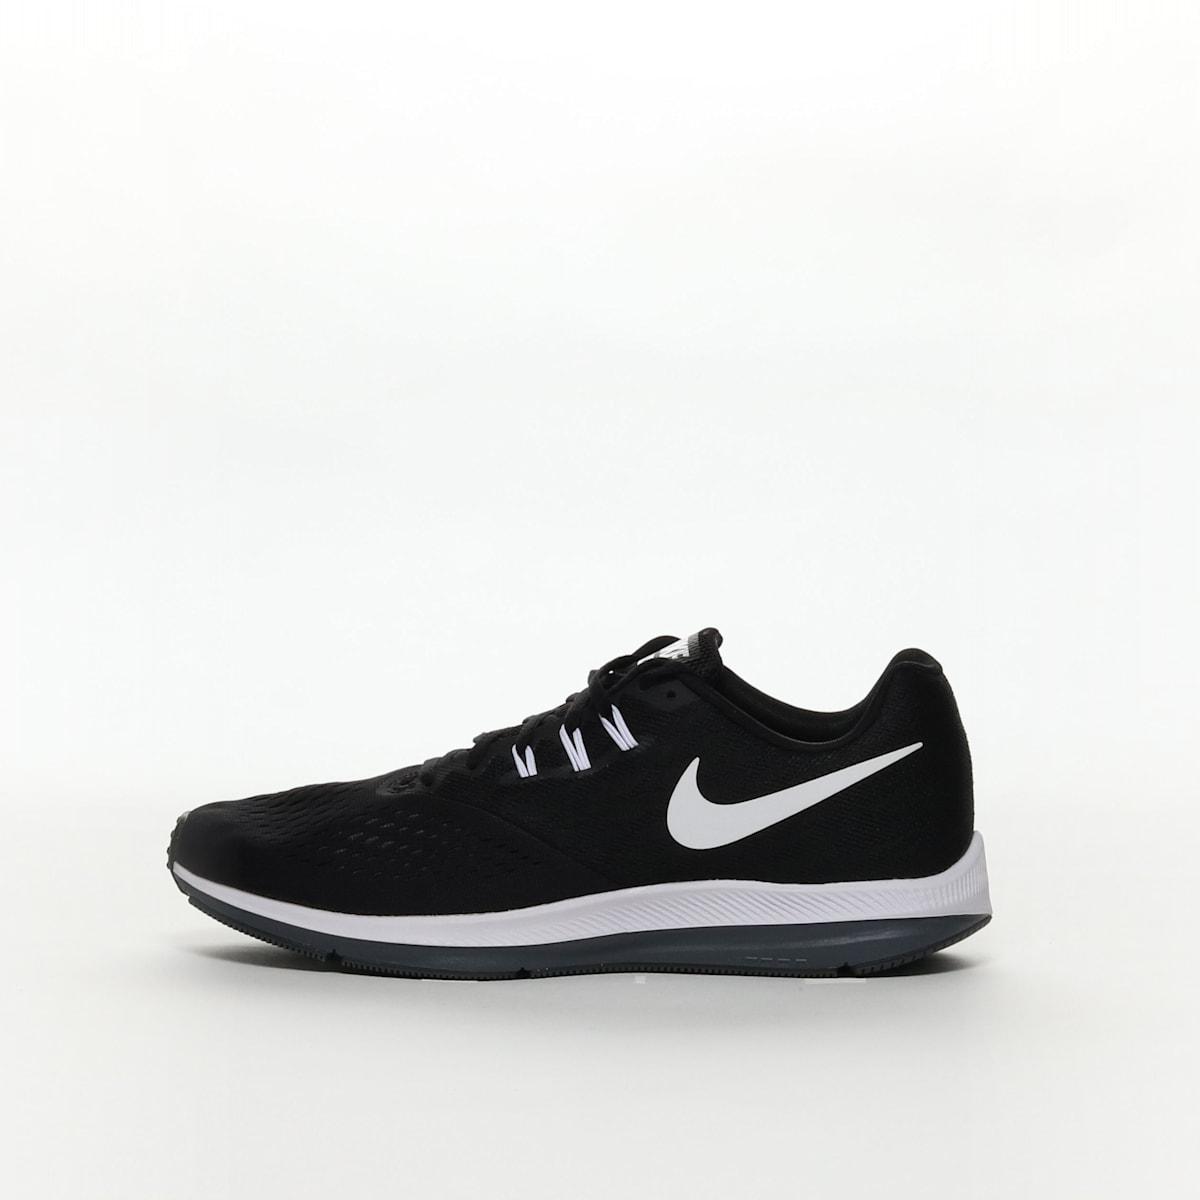 dc9410c607137 Men s Nike Air Zoom Winflo 4 Running Shoe - BLACK WHITE-DARK GREY ...